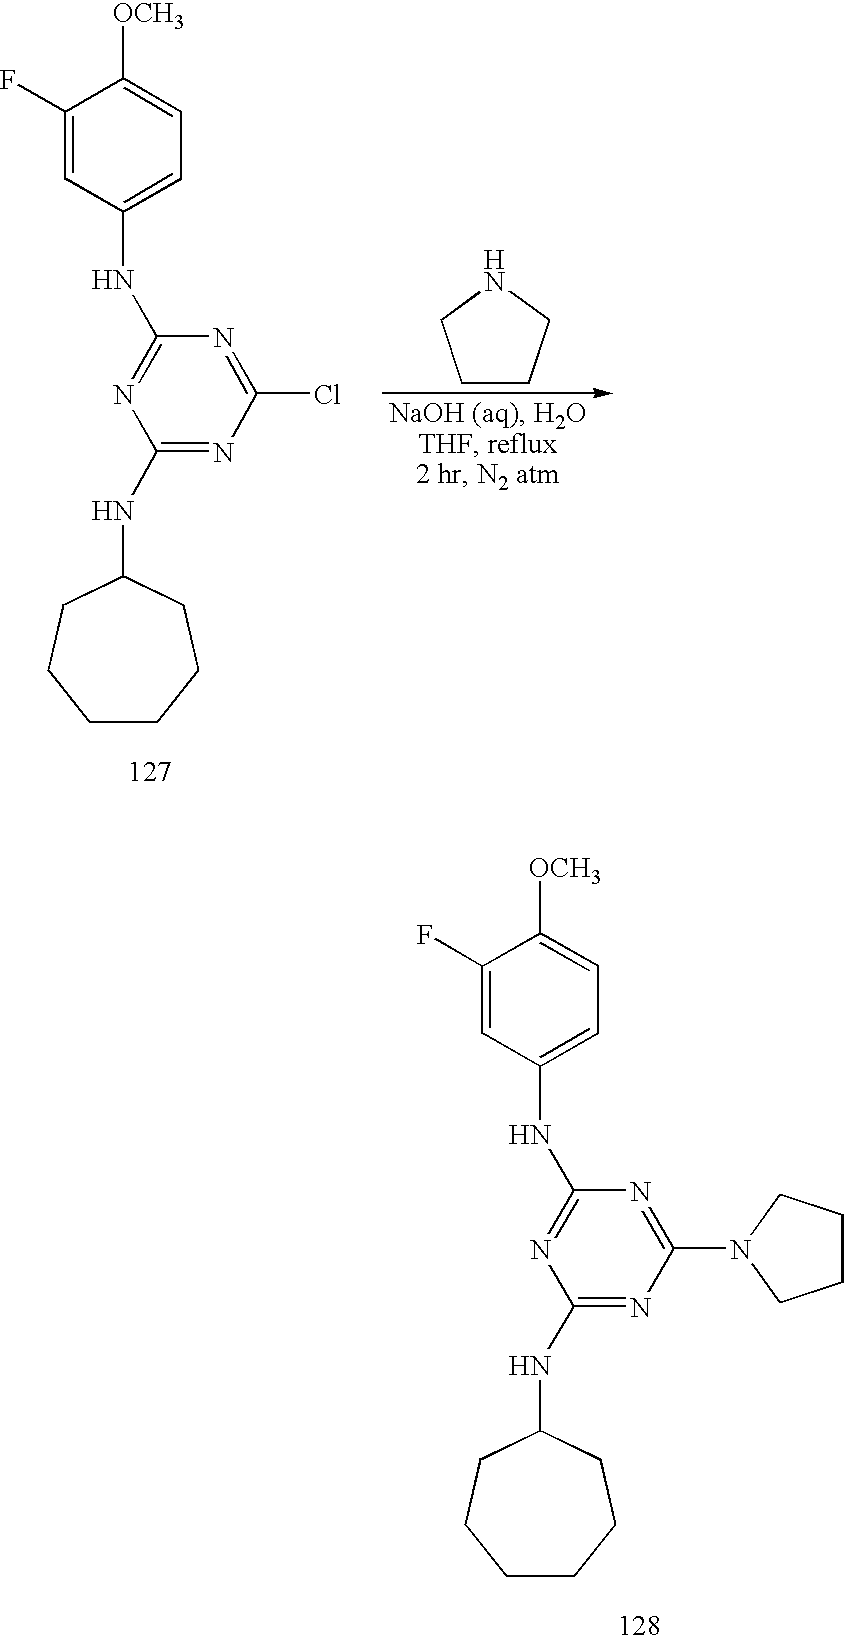 Figure US07112587-20060926-C00177